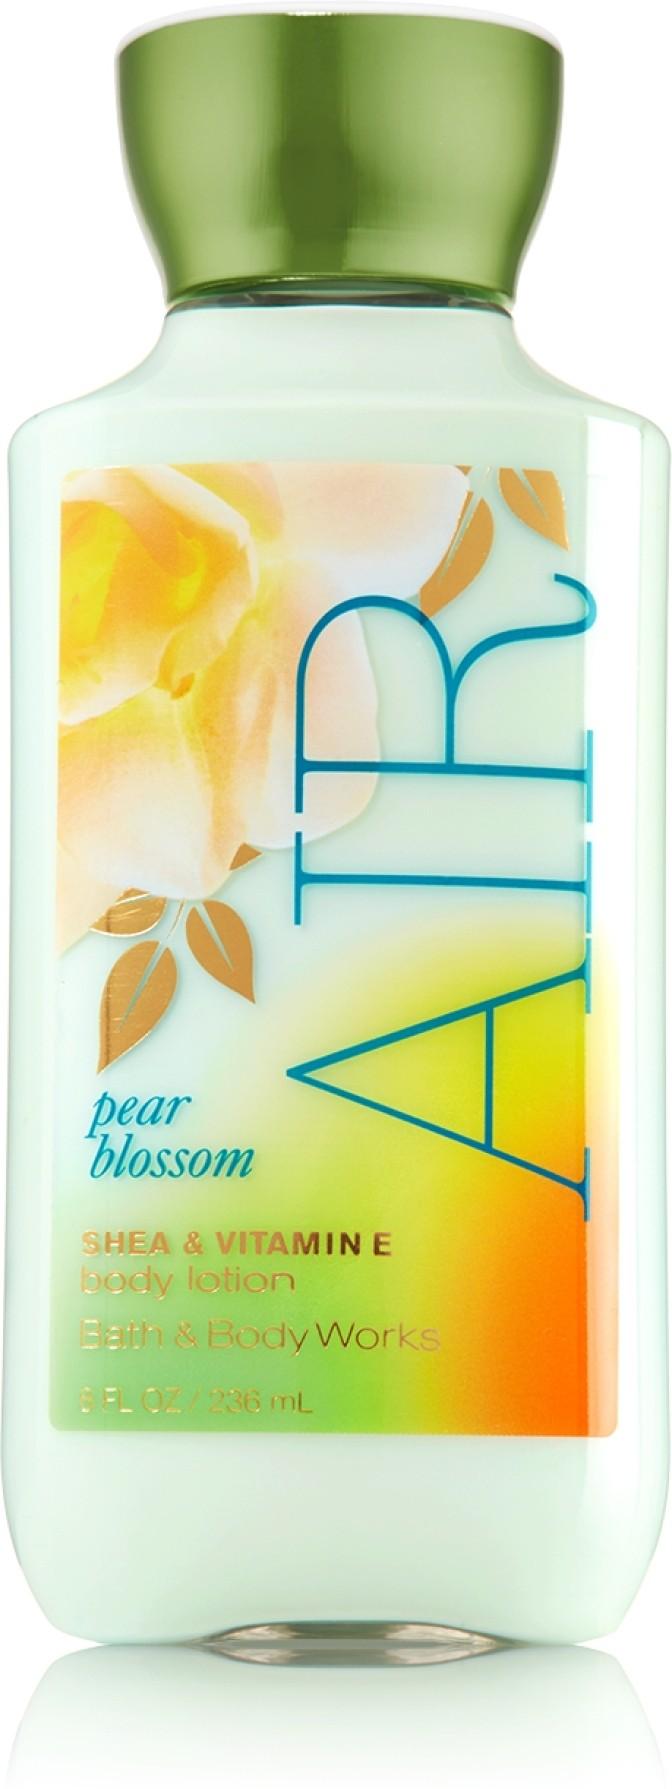 Bath & Body Works Air Pear Blossom Body Lotion(236 ml)